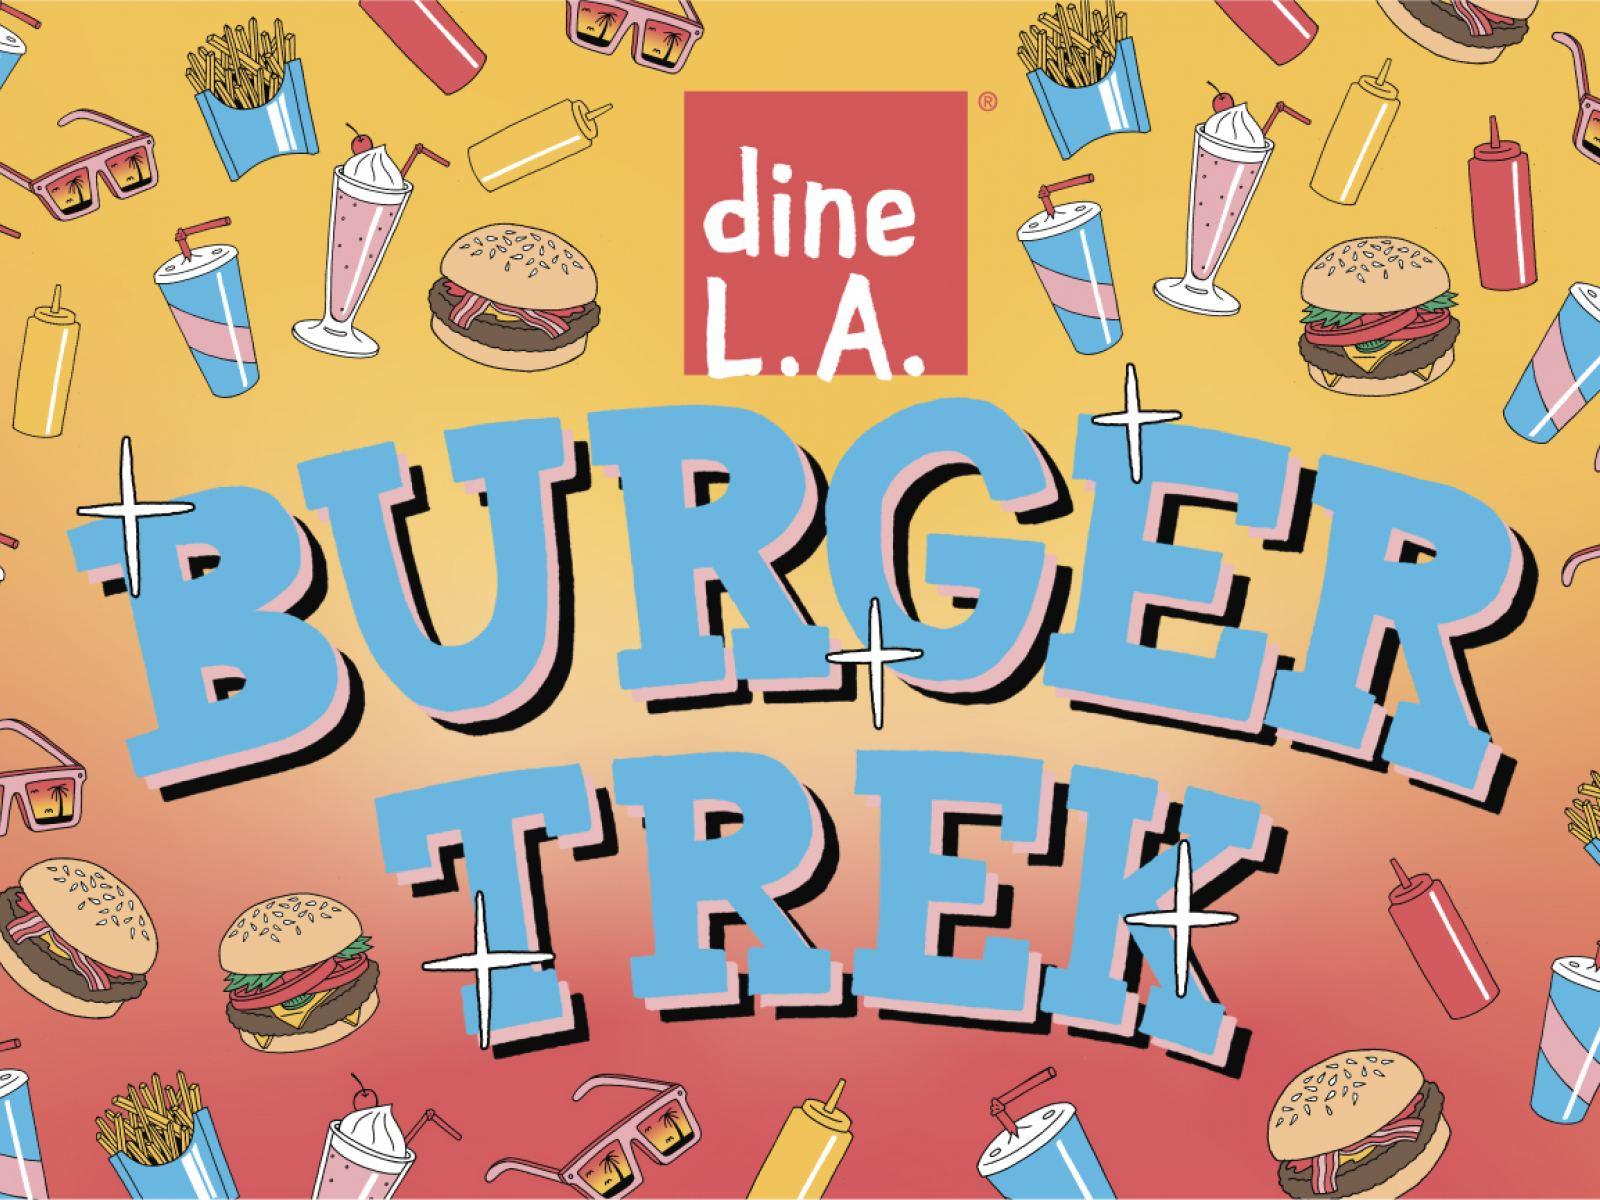 dineL.A. Burger Trek 2019